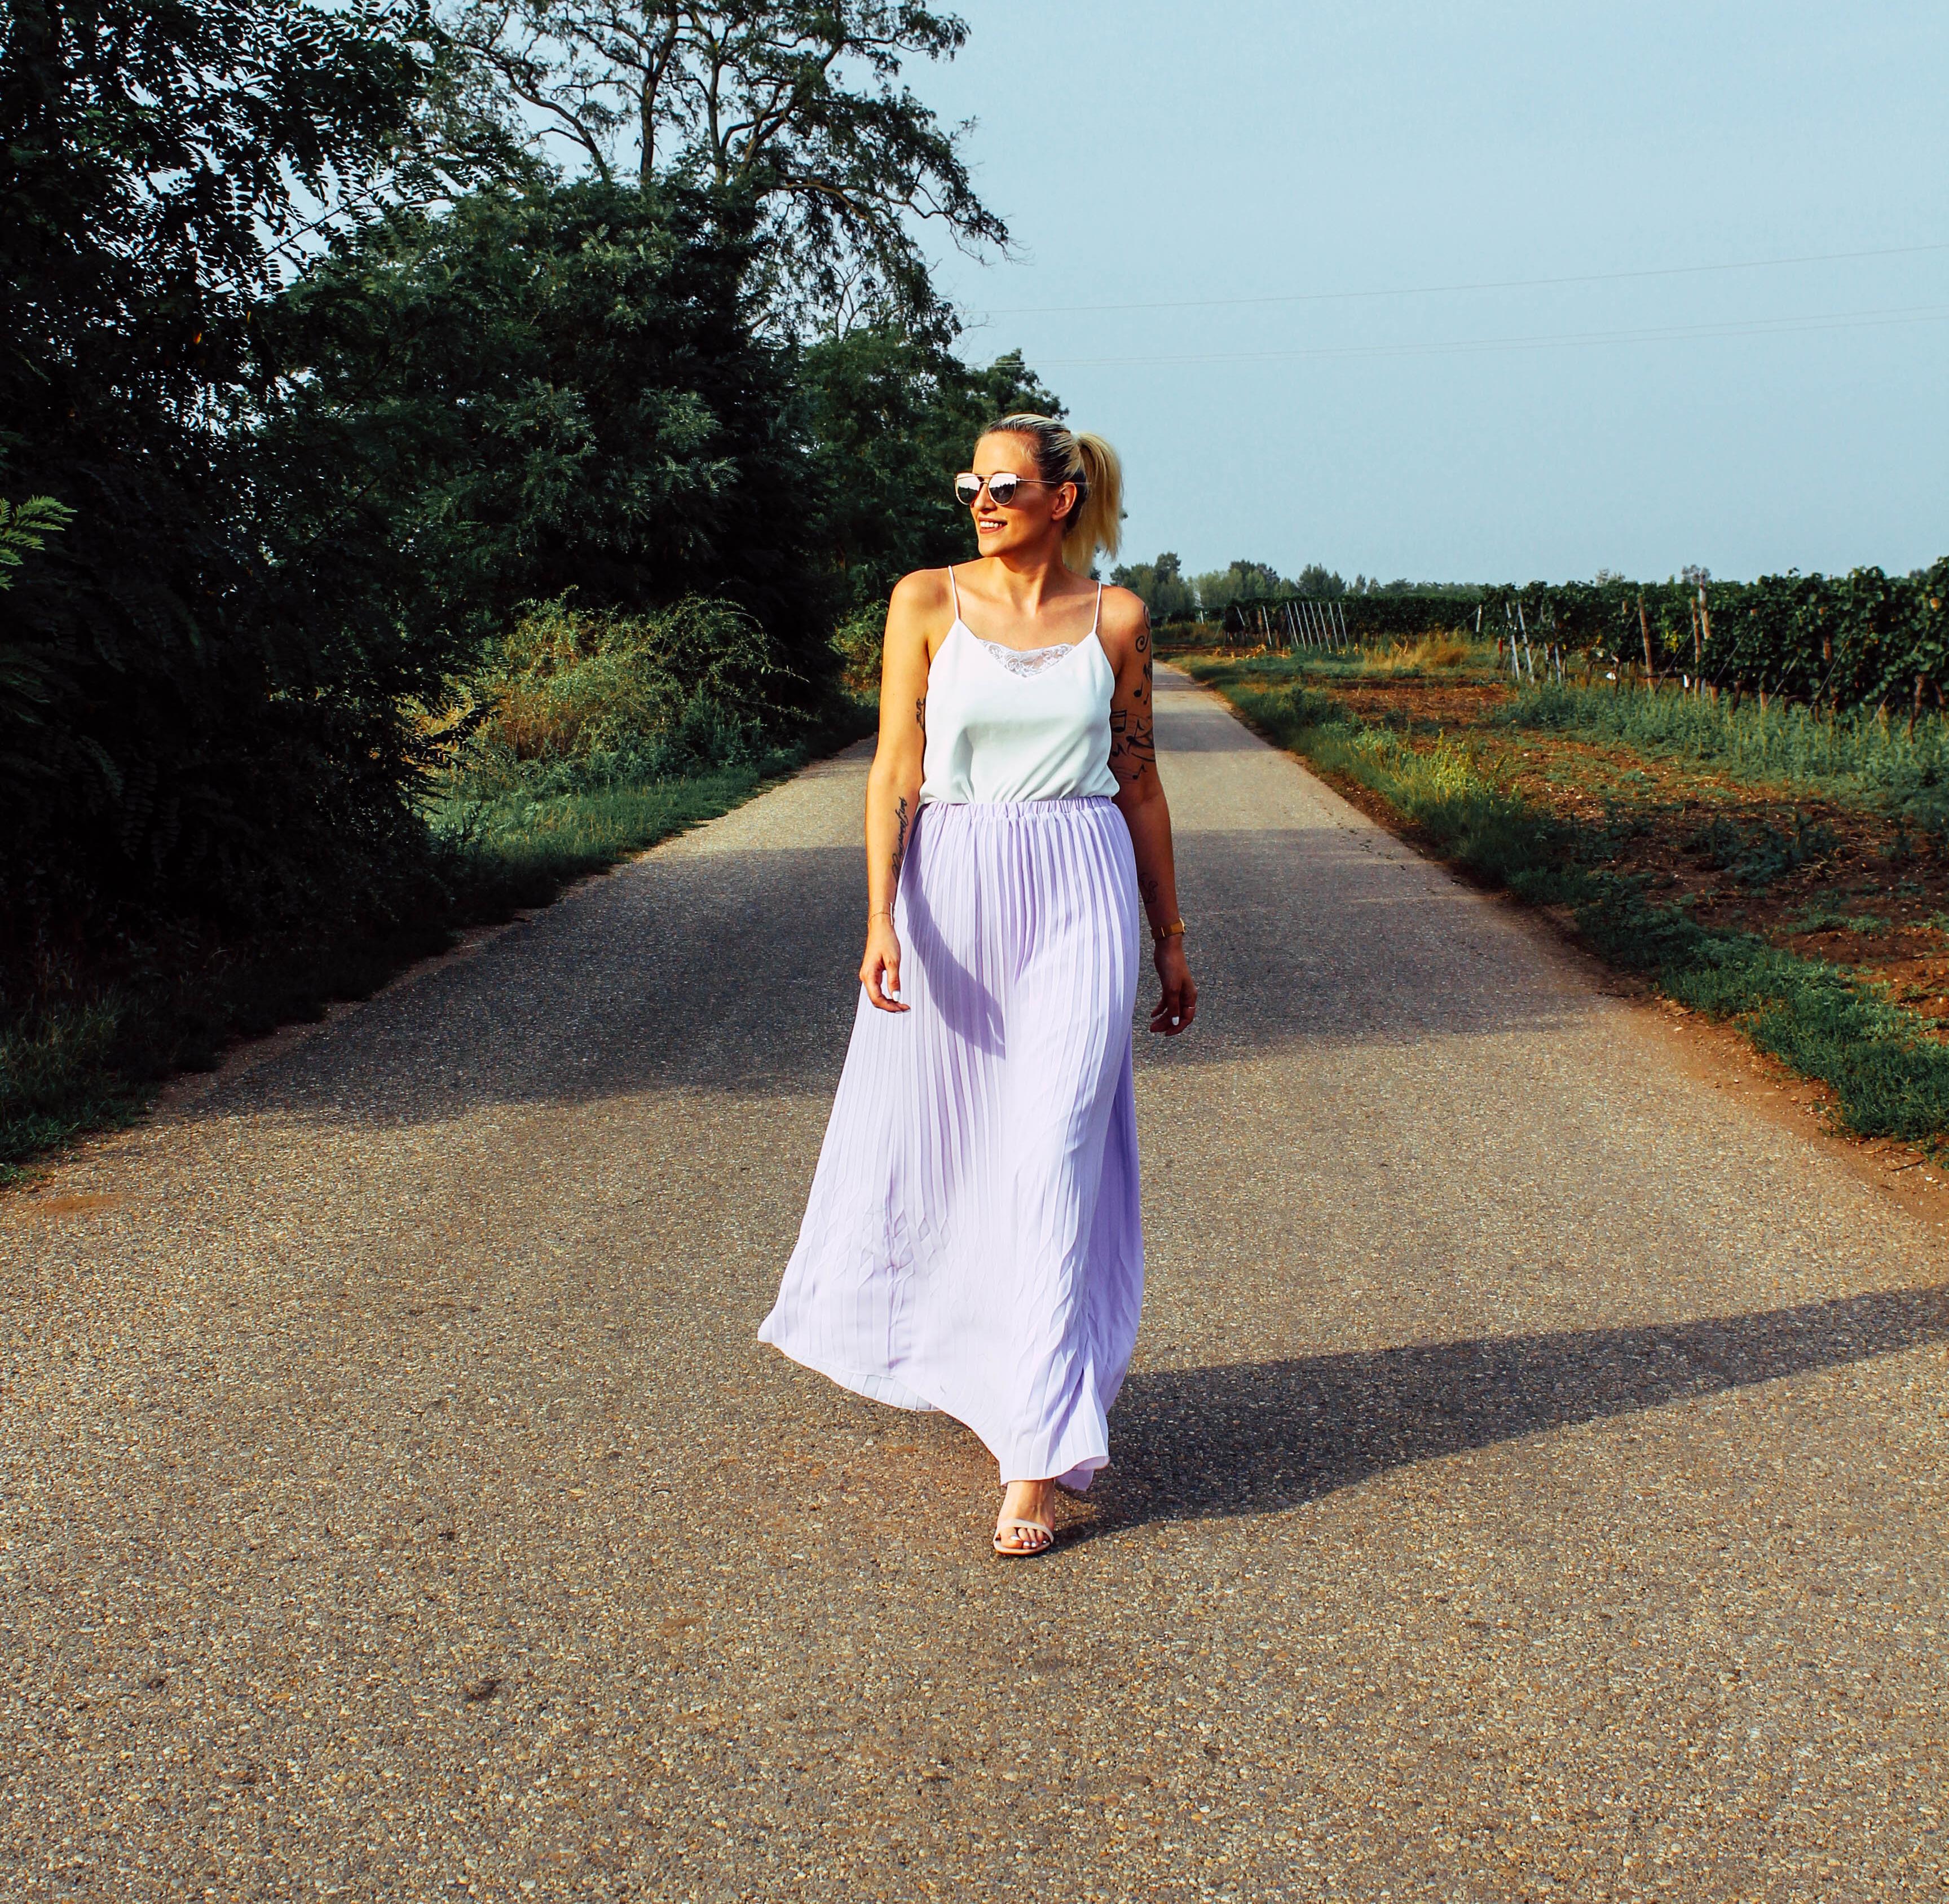 OUTFIT: Lila Plisseerock und weißes Top